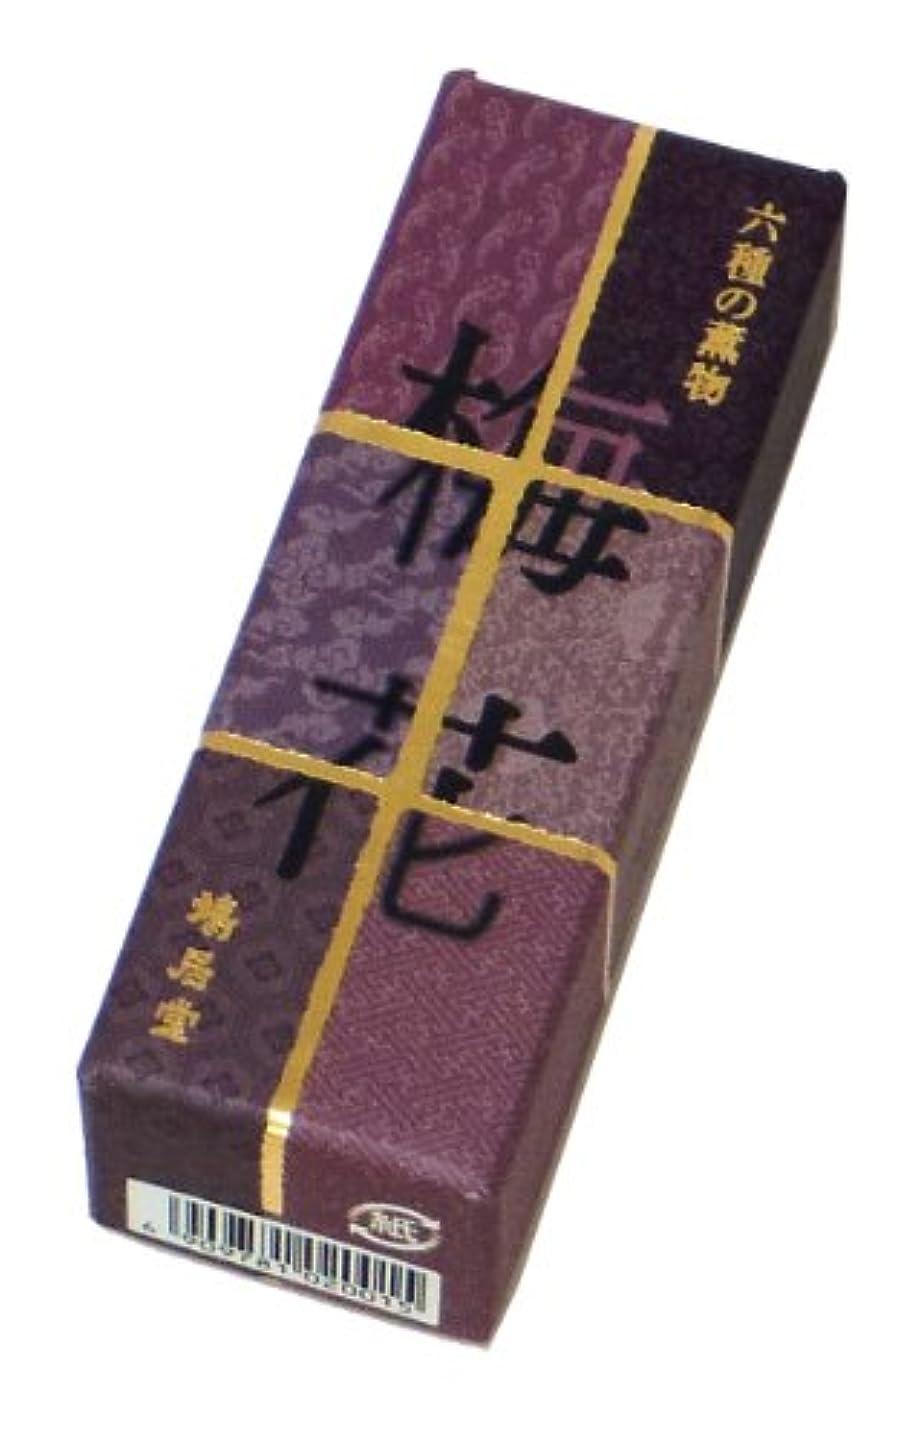 委託ひねり不誠実鳩居堂のお香 六種の薫物 梅花 20本入 6cm